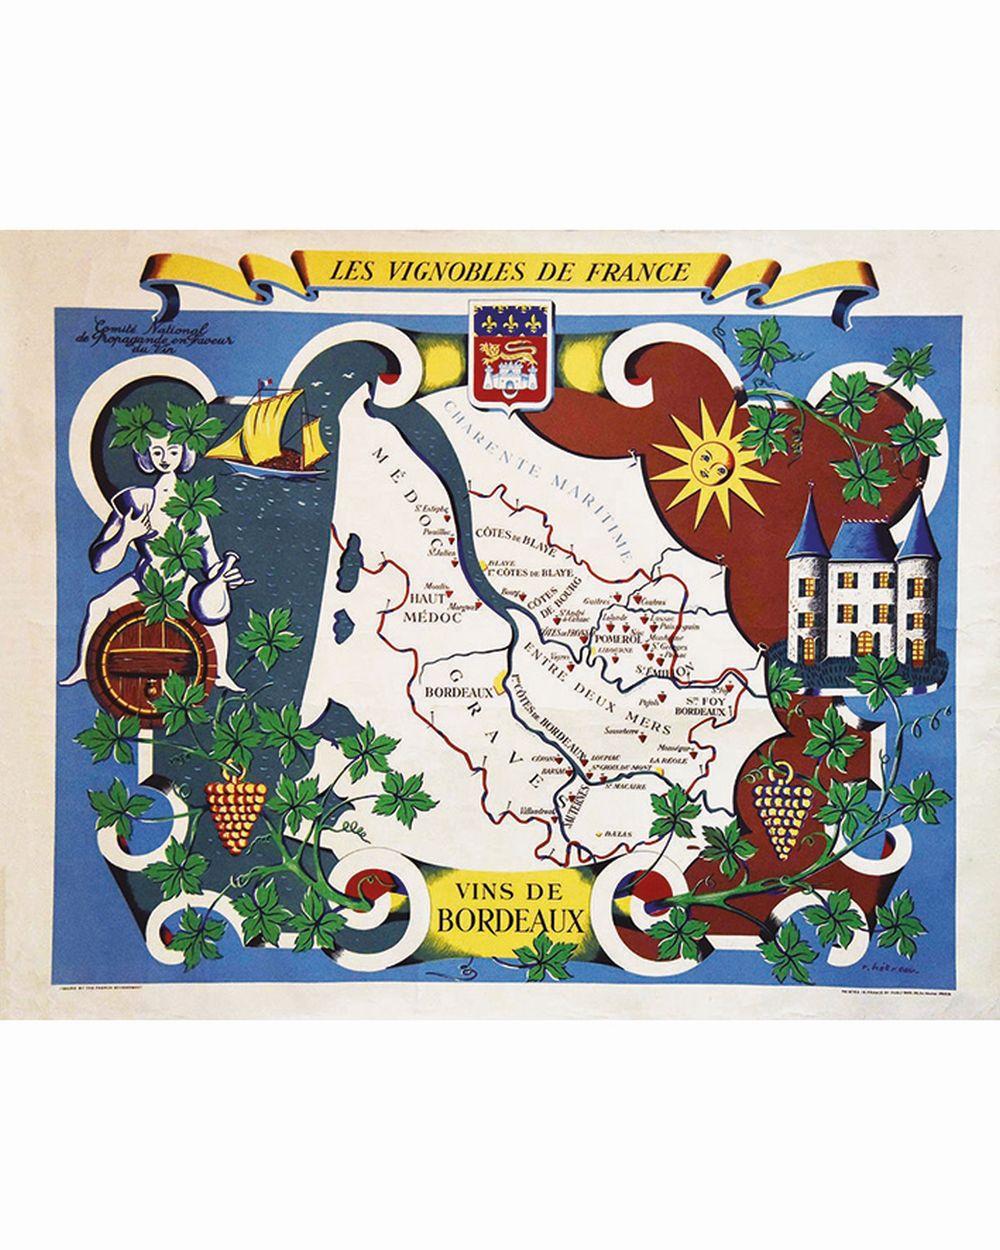 HETREAU H. - Vins de Bordeaux Les Vignobles de France     vers 1950